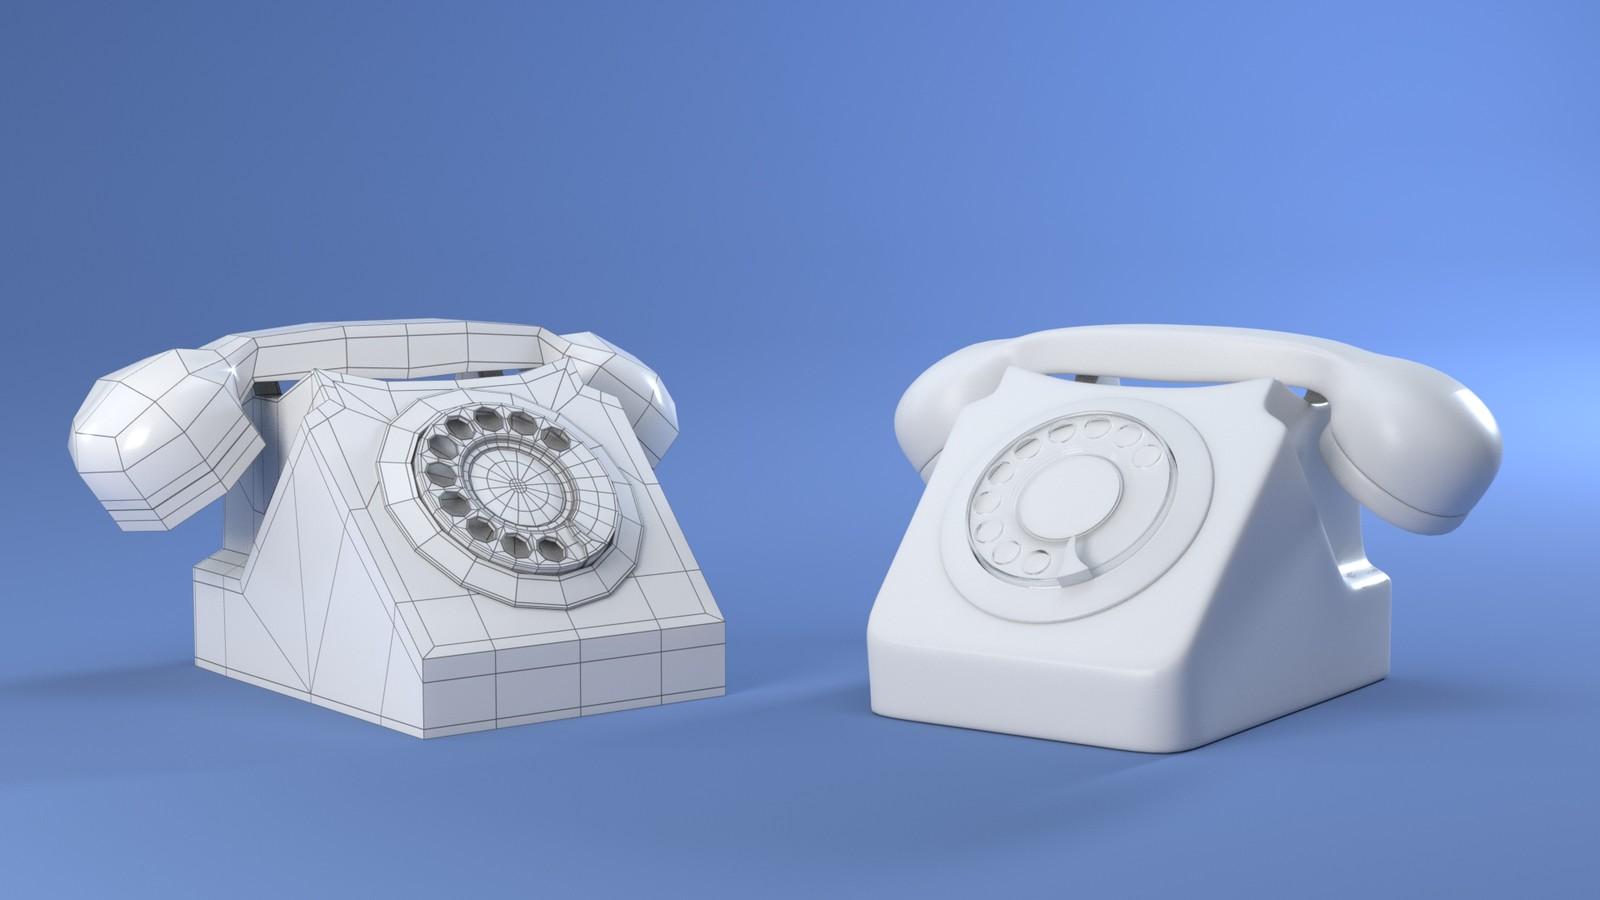 Telephone (1970's)